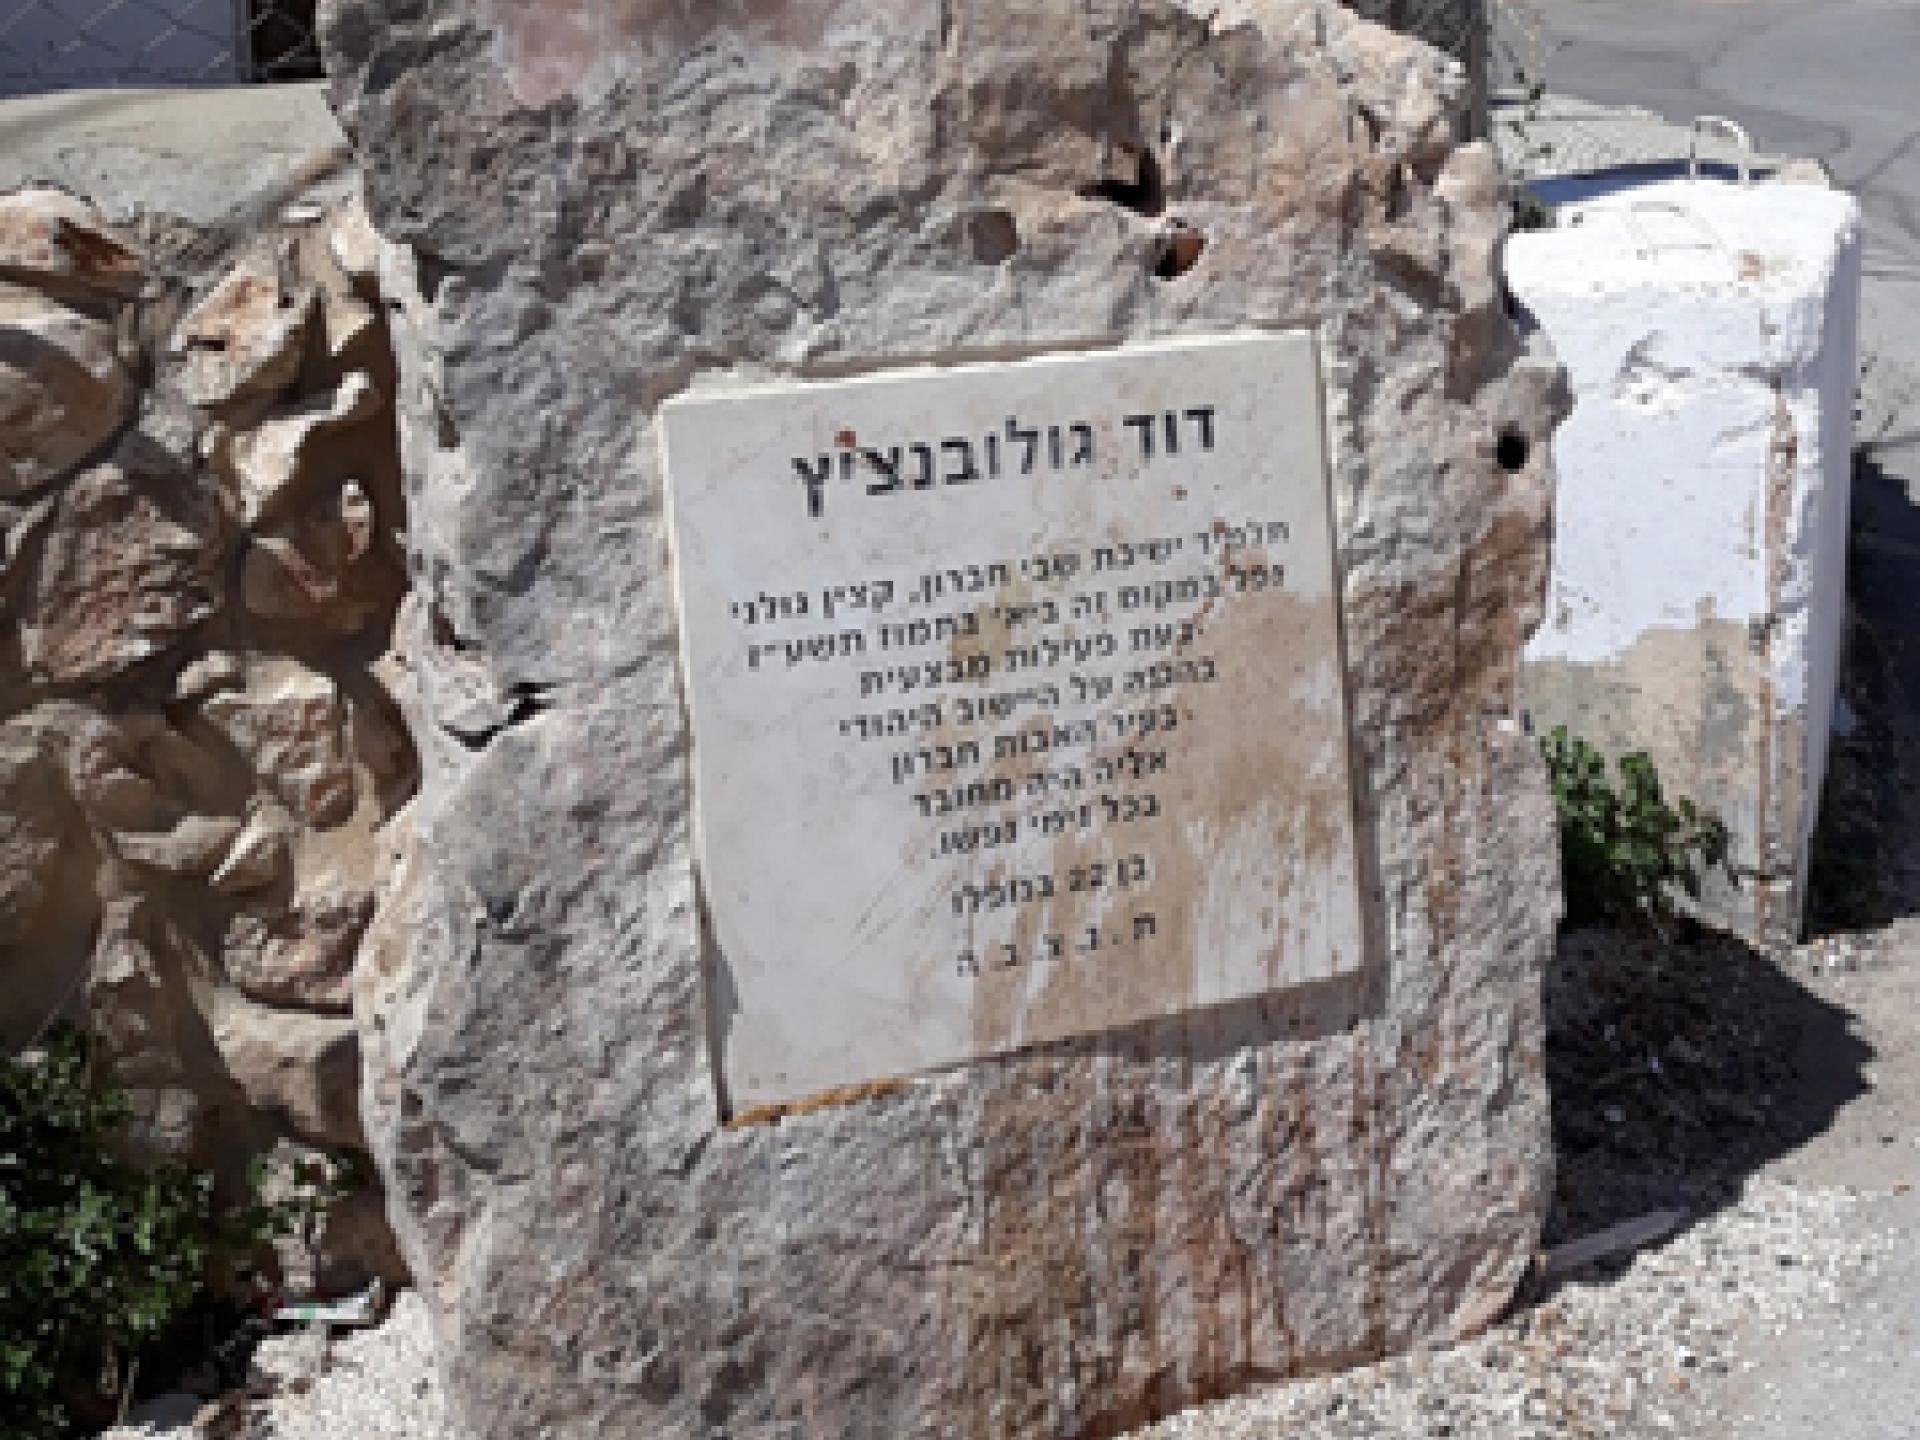 """""""נפל בעת פעילות מבצעית בהגנה על היישוב היהודי בעיר האבות חברון""""?"""